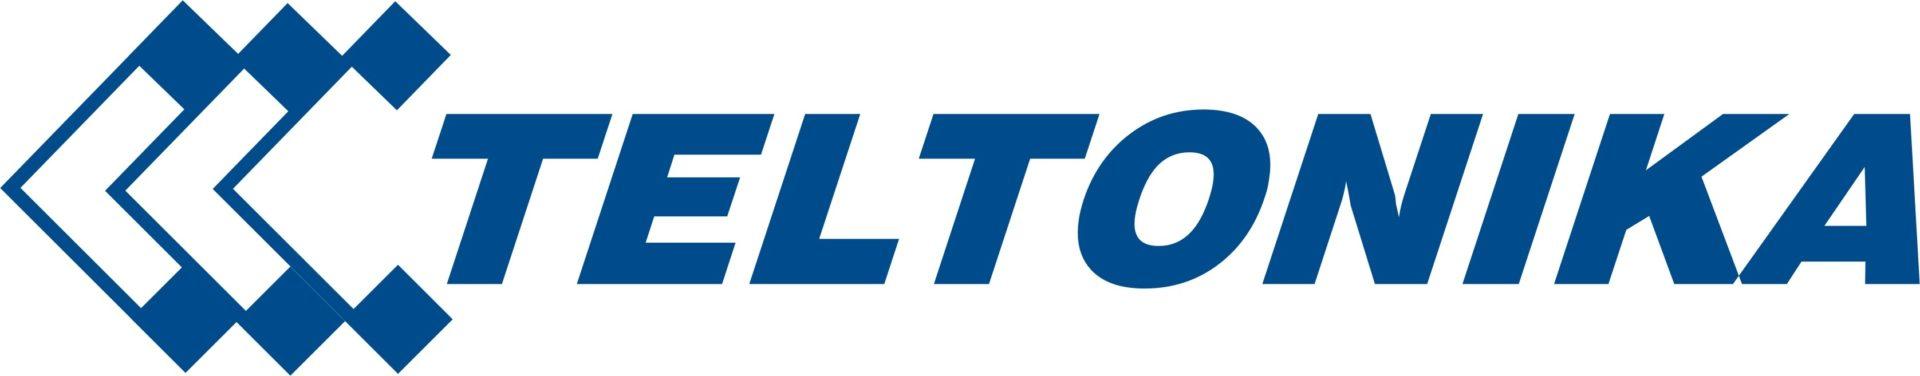 Teltonika - это разработчик GPS/ГЛОНАСС терминалов